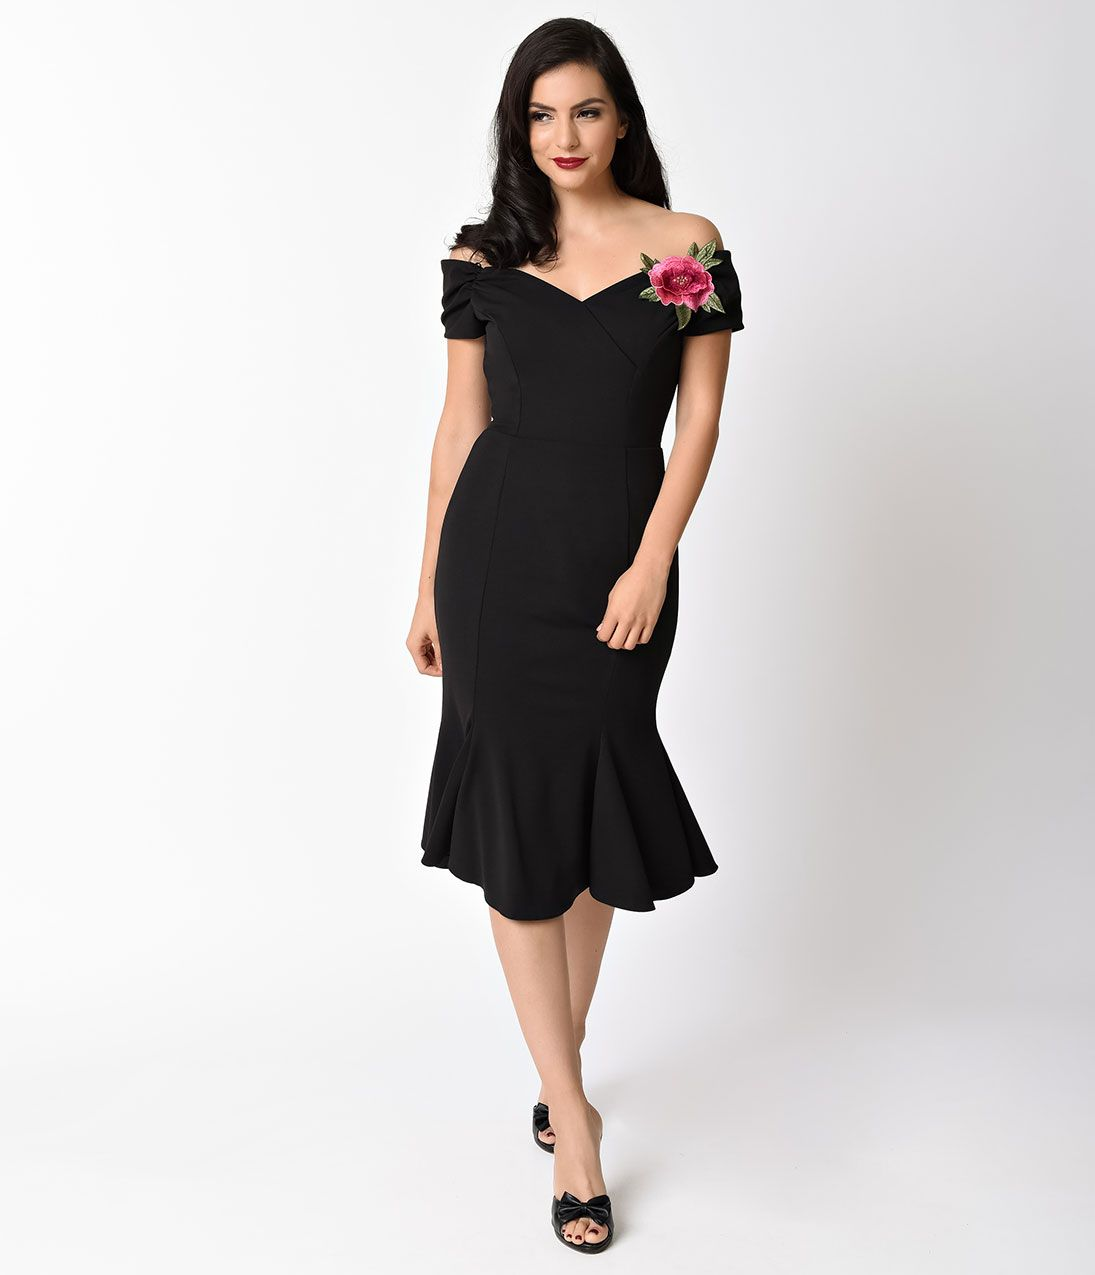 7c5fd72cef3 Wiggle Dresses 1940s Style Black Crepe Off Shoulder Fatale Wiggle Dress Size  UK 18 $162.00 AT vintagedancer.com